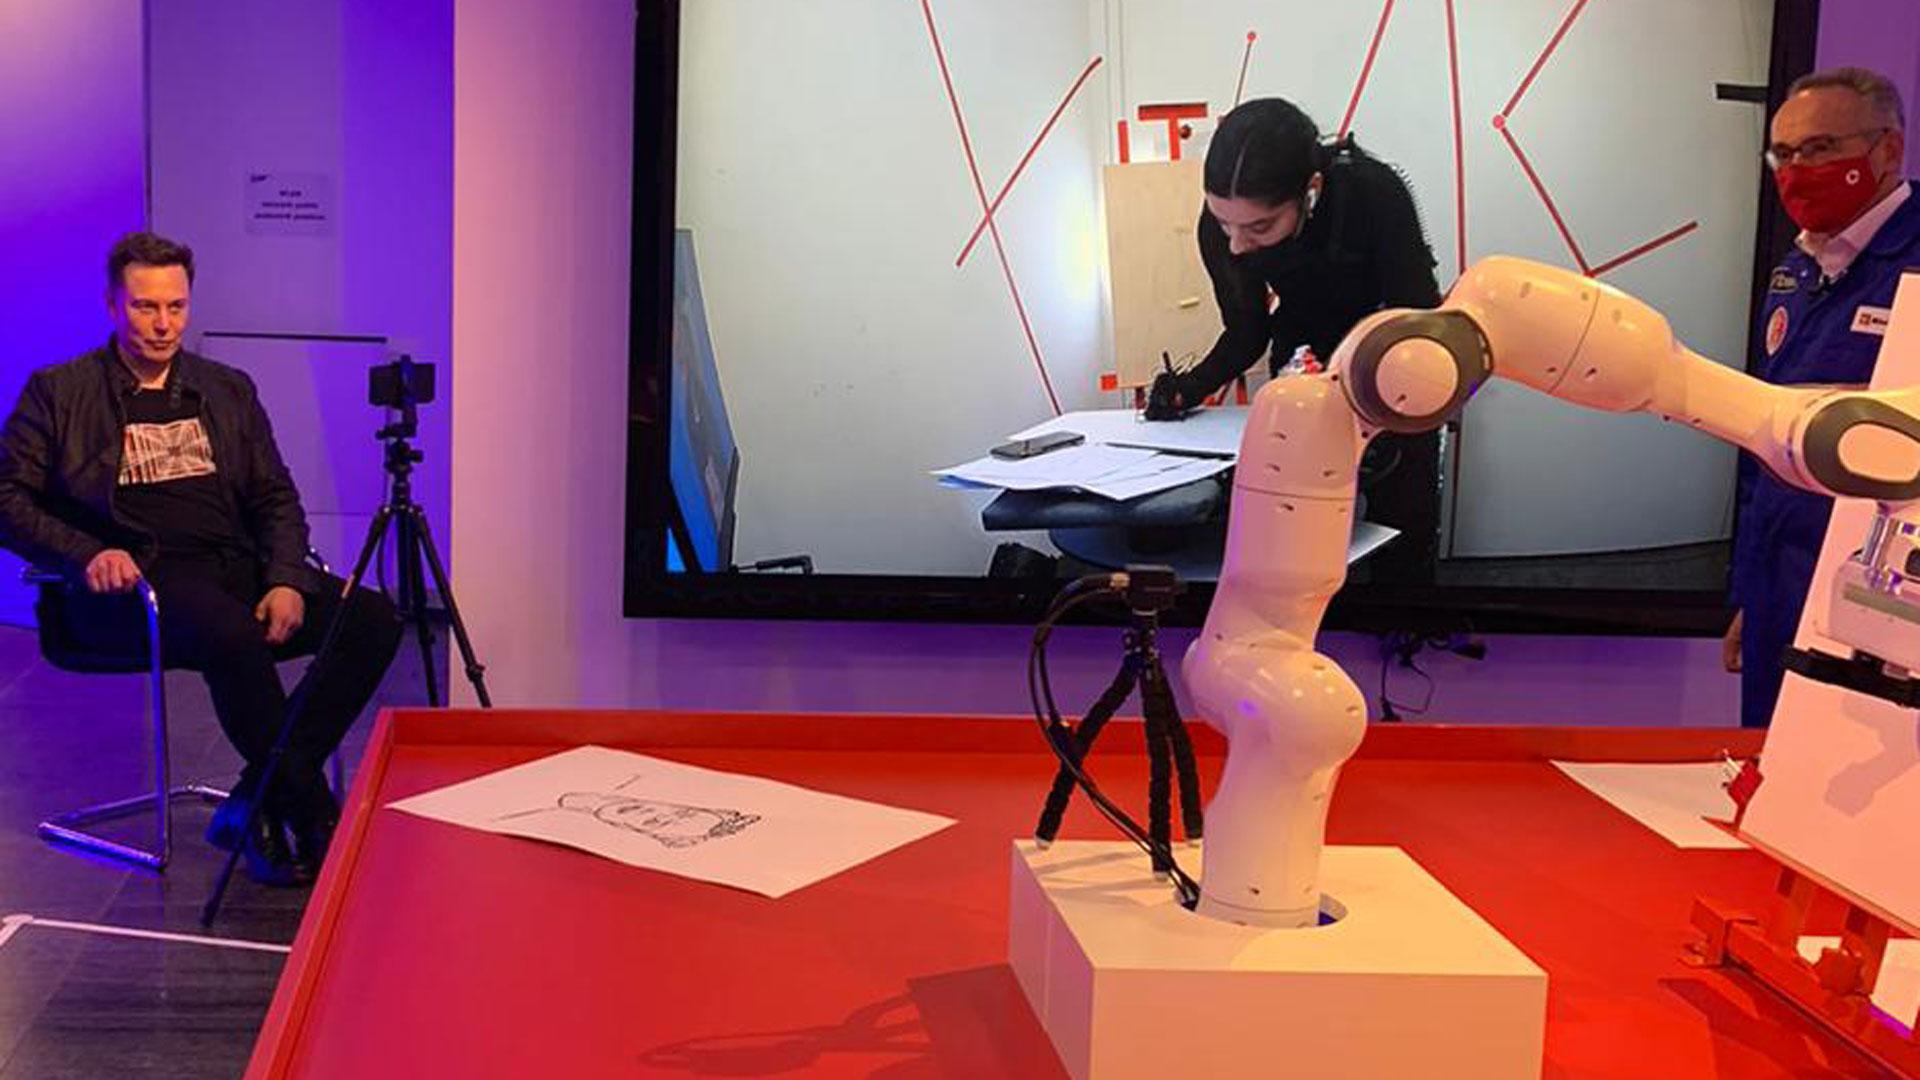 Die Künstlerin Shev Lunatic zeichnet Elon Musk beim Axel Springer Award 2020.